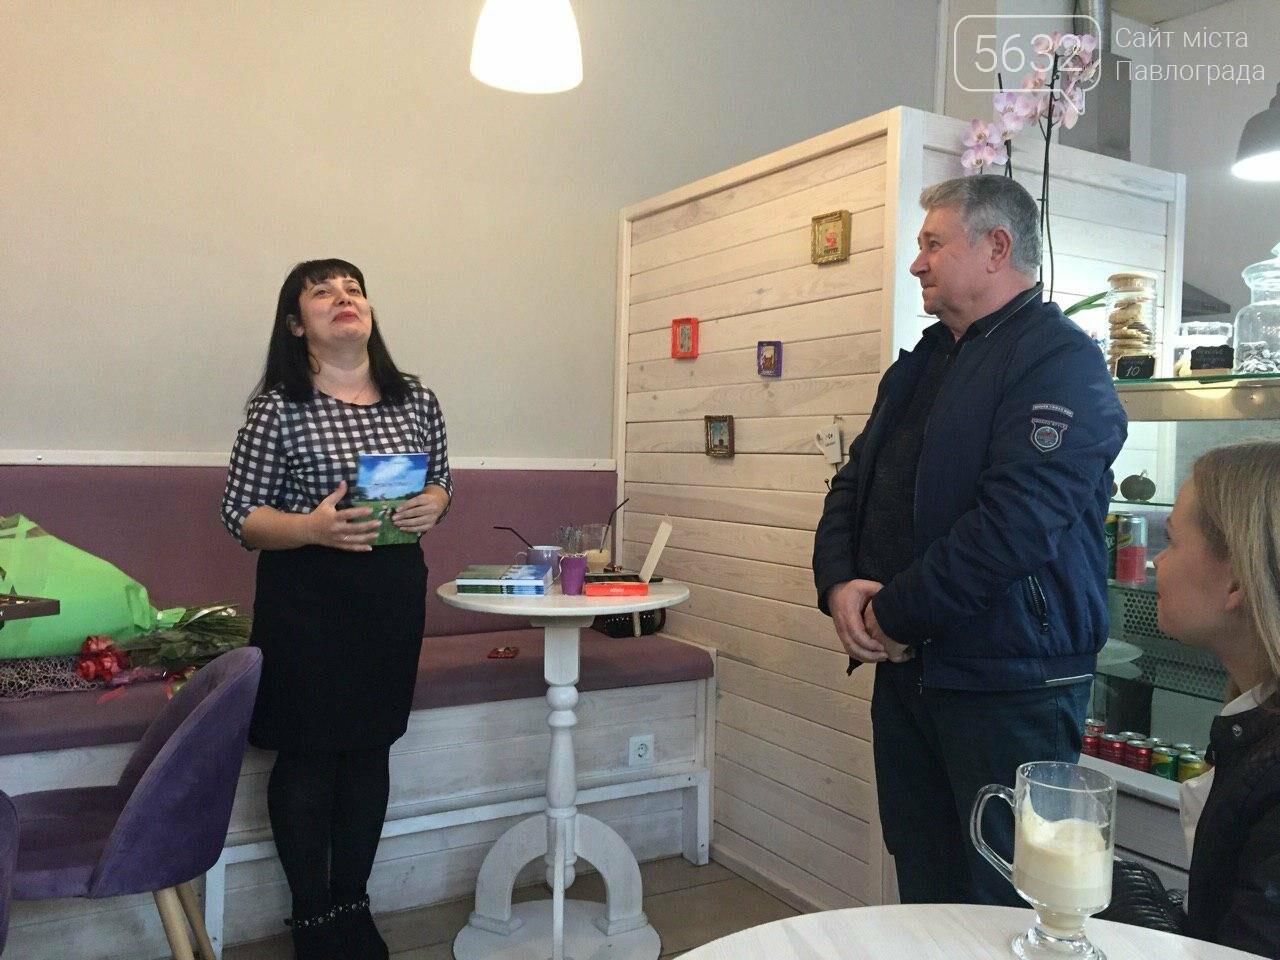 Талантливая жительница Западного Донбасса презентовала свою дебютную книгу (ФОТОФАКТ) , фото-6